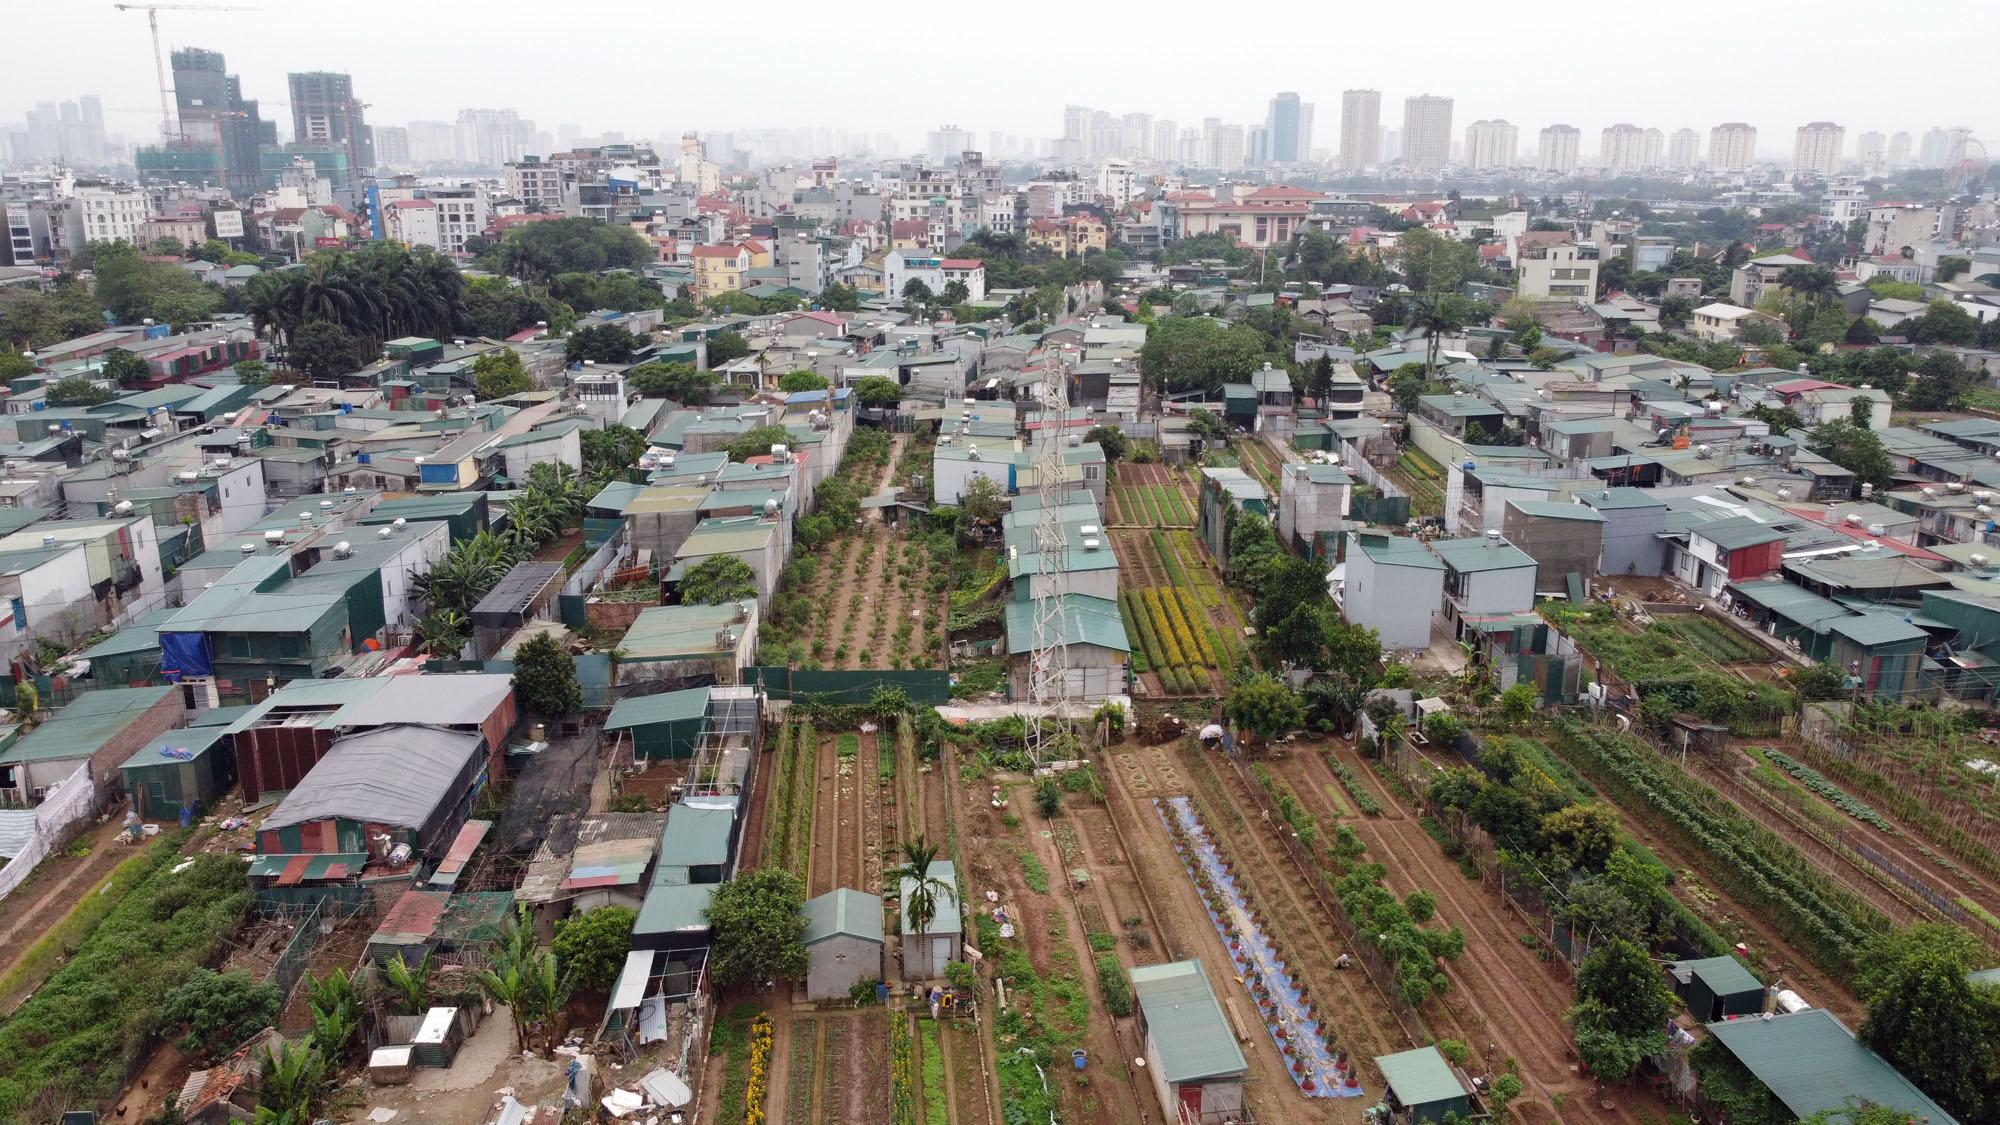 Hà Nội yêu cầu xử lý dứt điểm vi phạm trên đất nông nghiệp, đất lấn chiếm ngay khi phát sinh - Ảnh 1.